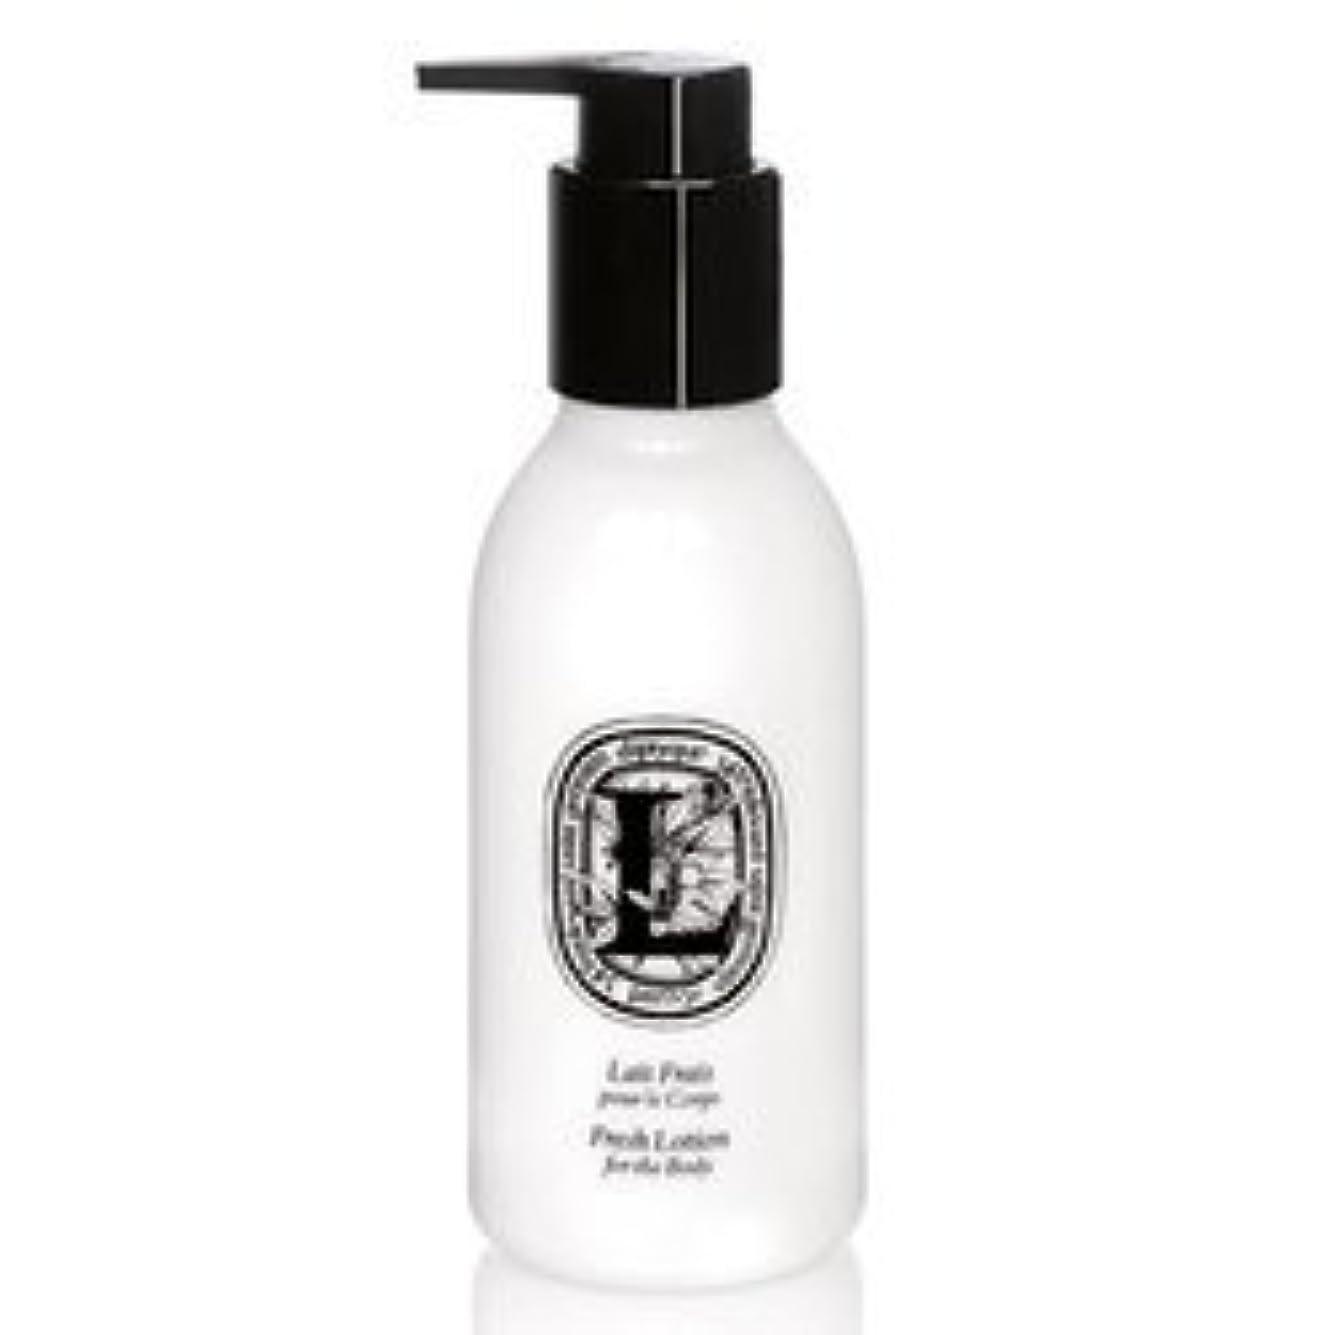 私たち提供された高さDiptyque The Art of Body Care Fresh Body Lotion-6.8 oz. by Diptyque [並行輸入品]